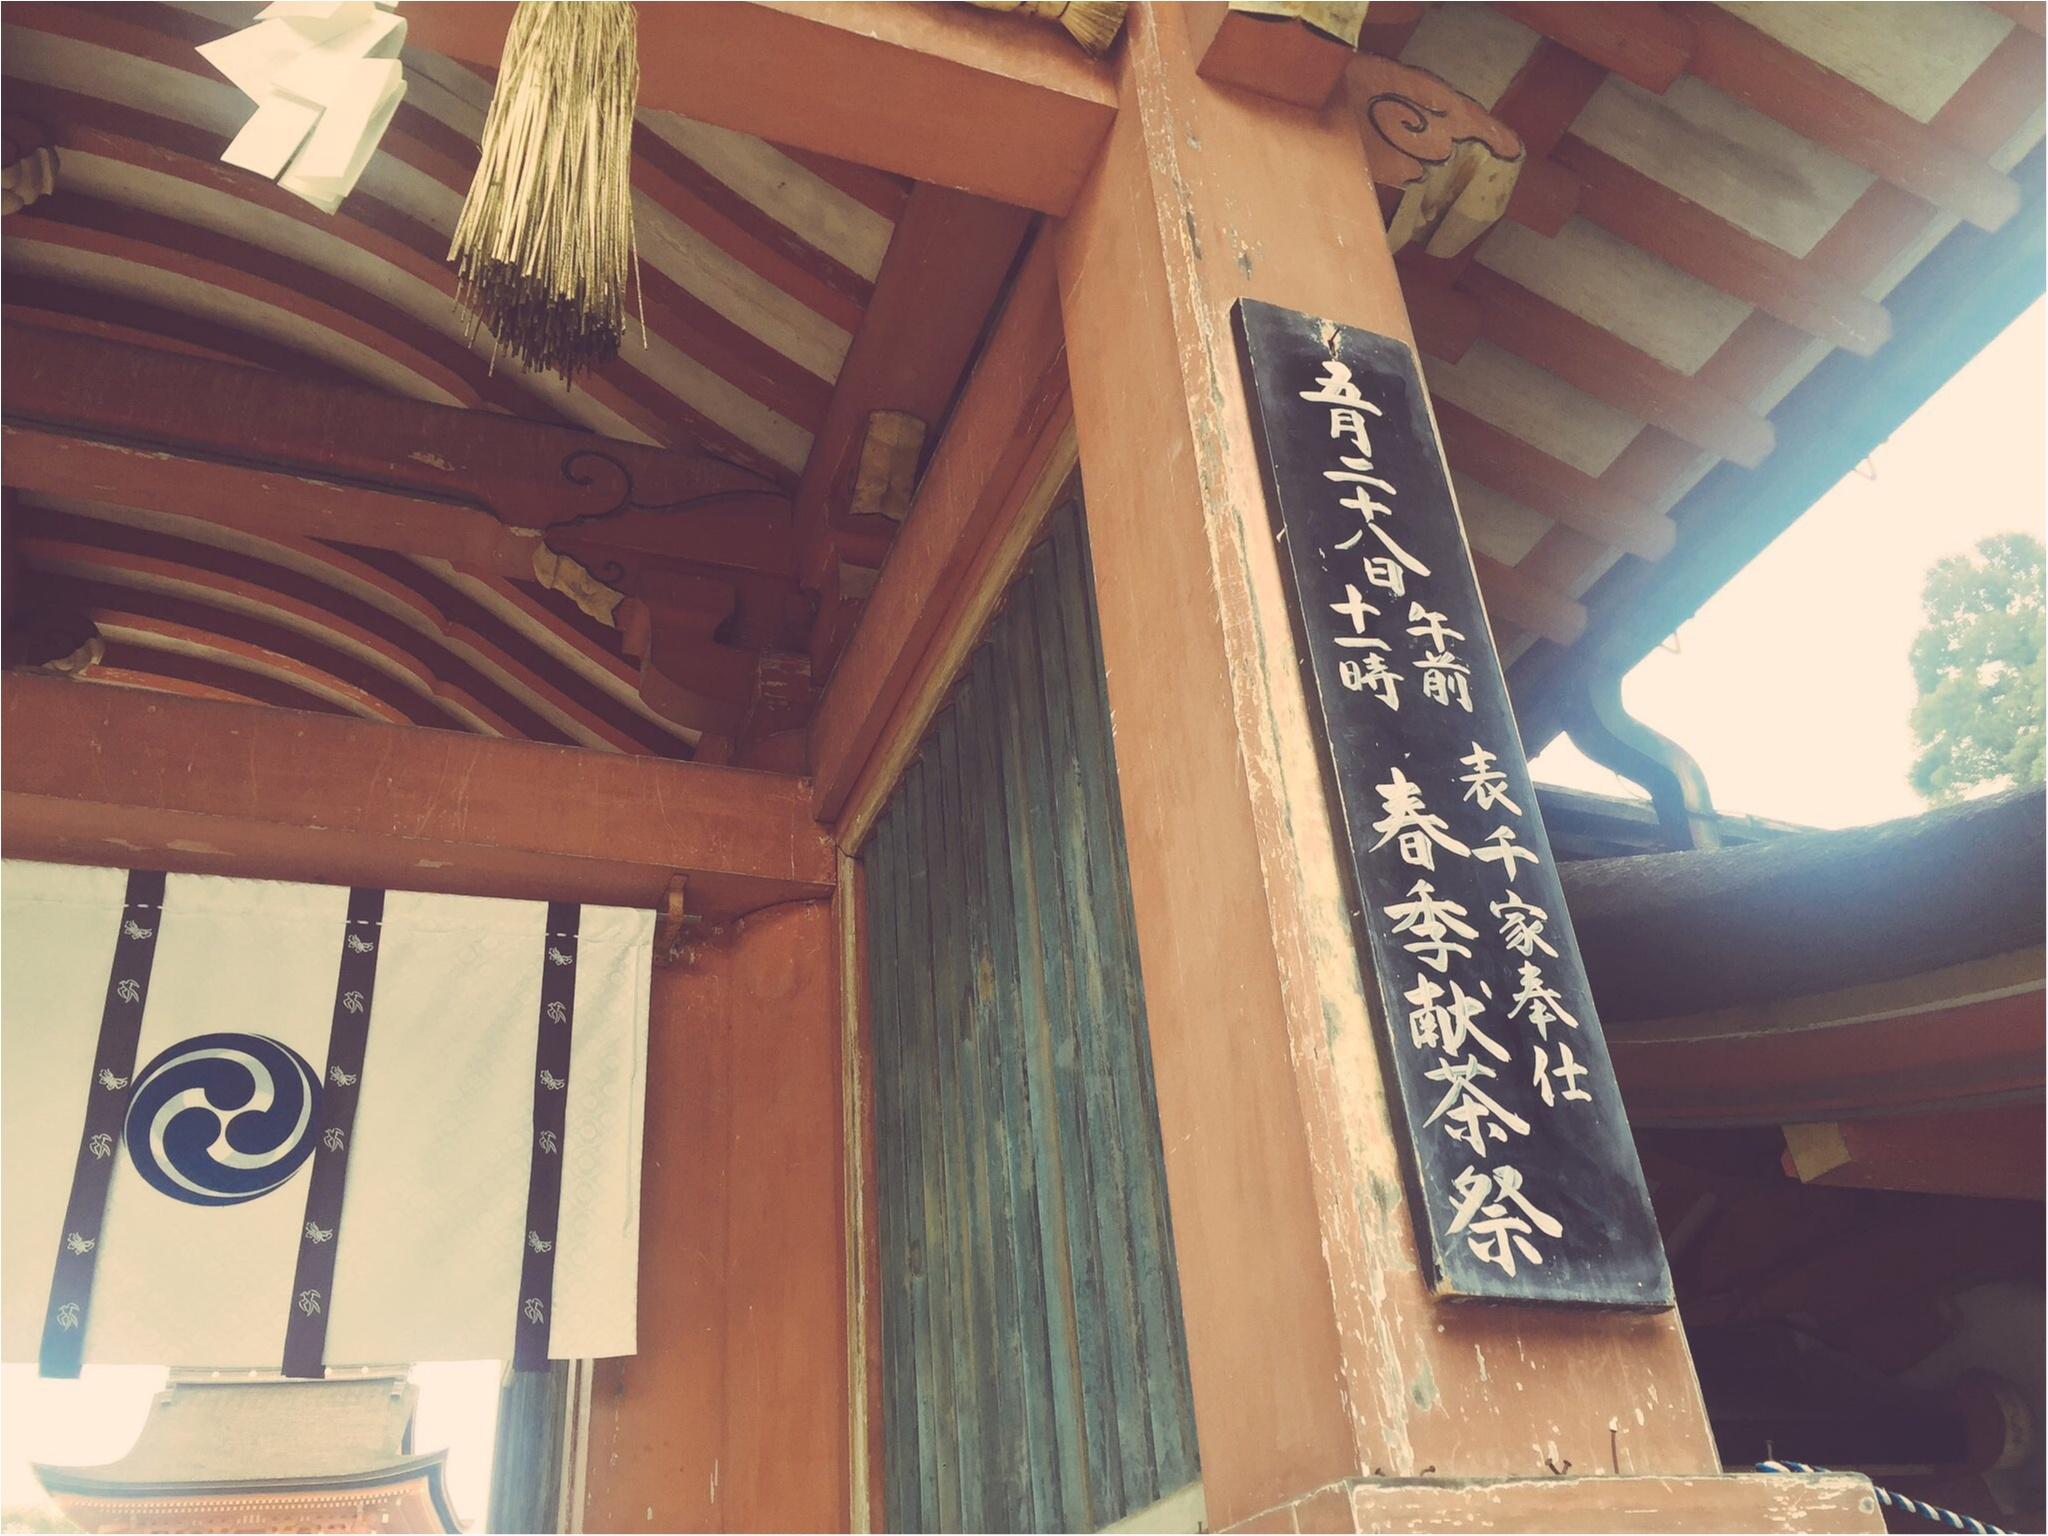 【必勝祈願のパワースポット】春季献茶祭@岩清水八幡宮【京都】_2